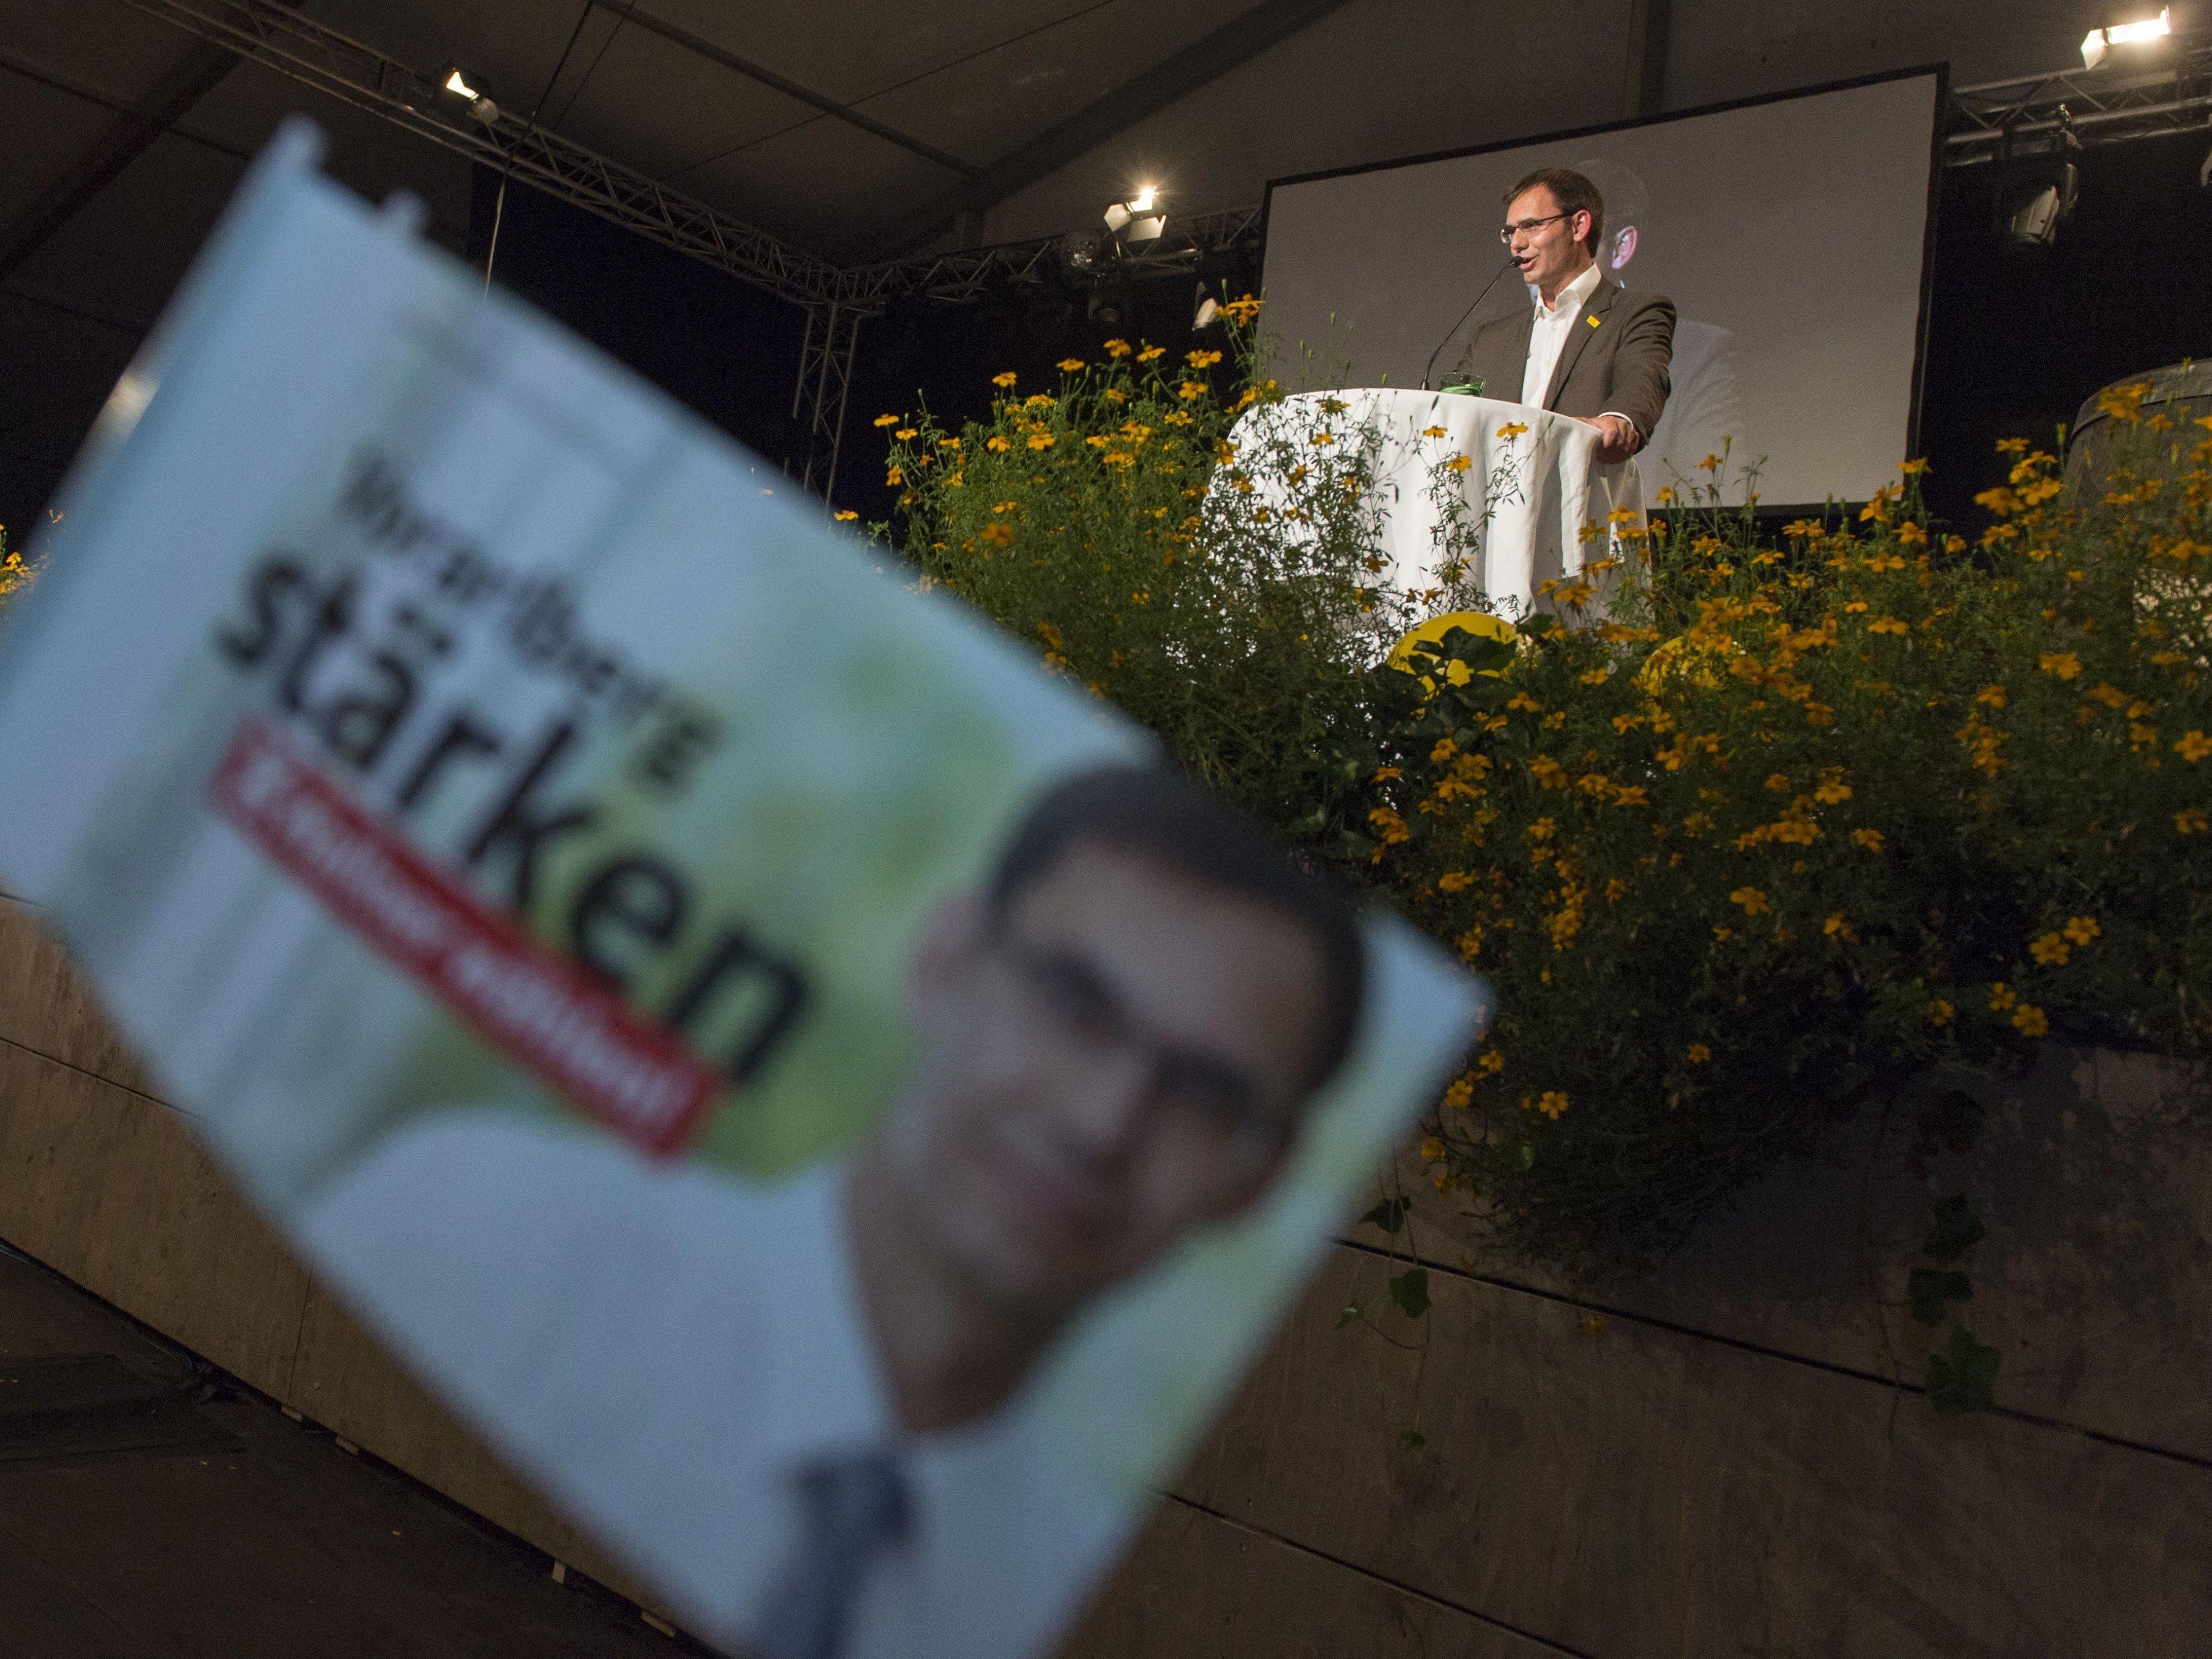 Für Landeshauptmann Wallner war es ein aufregendes Jahr